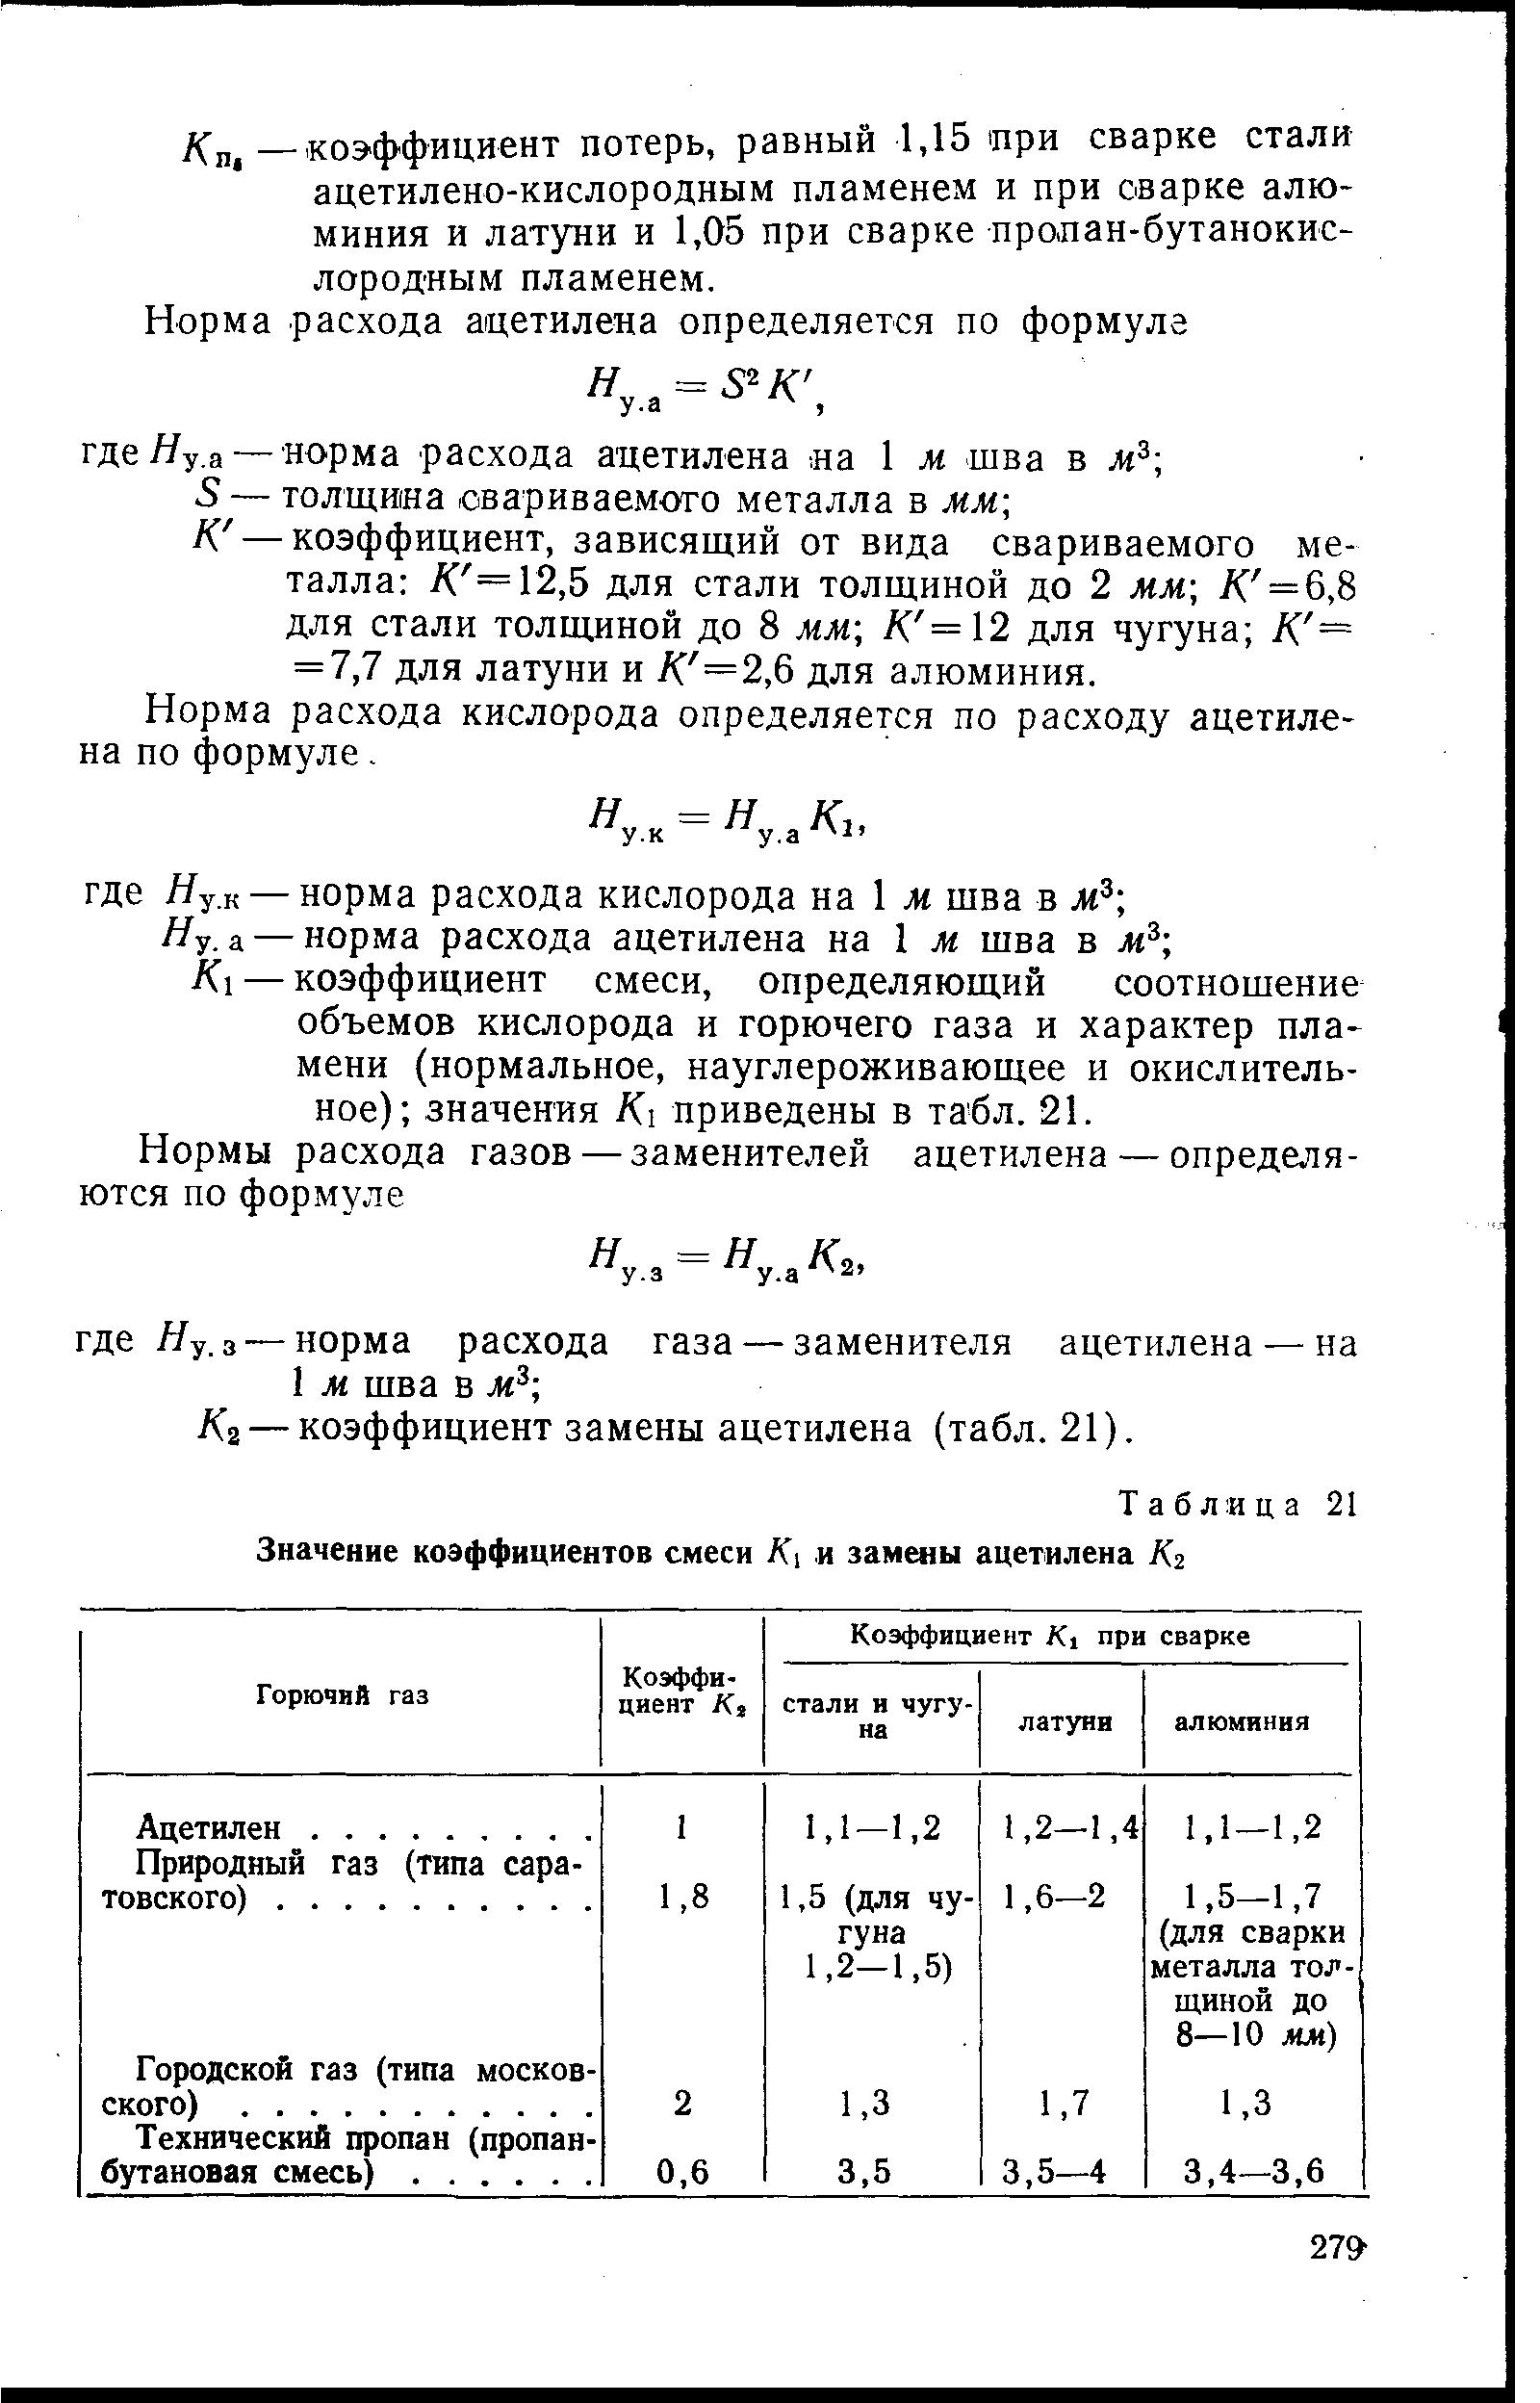 Норма расхода кислорода определяется по расходу ацетилена по формуле,